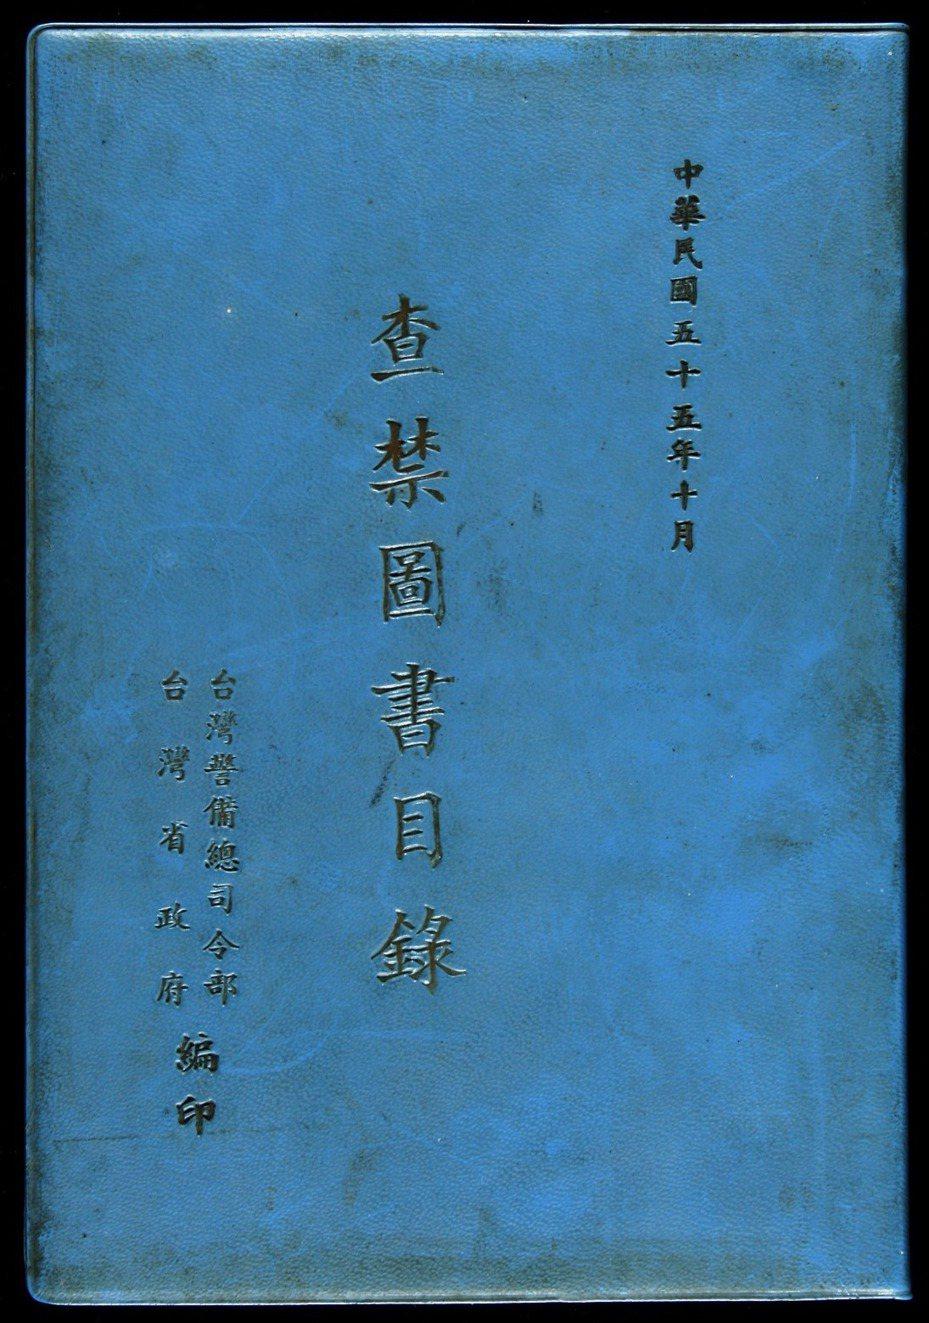 民國55(1966)年版的《查禁圖書目錄》,由台灣省政府及台灣警備總司令部聯合編印。